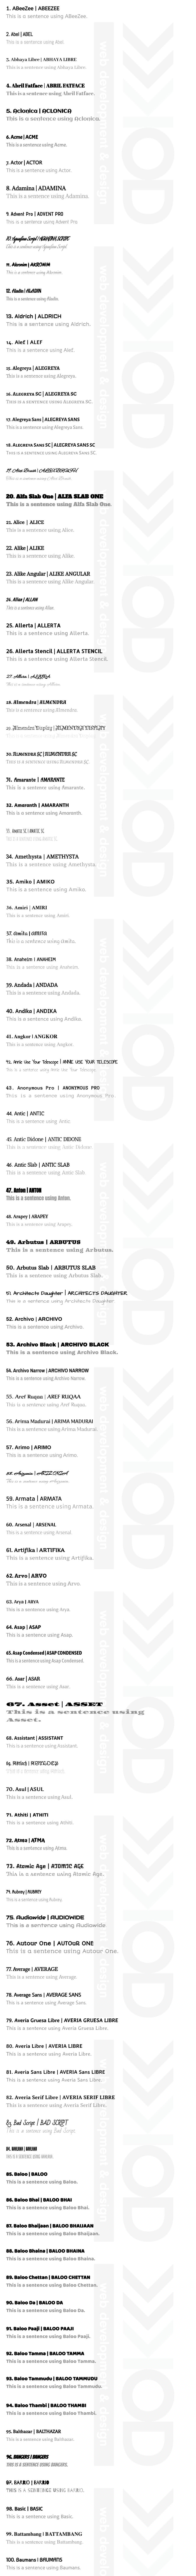 Divi Font List 1